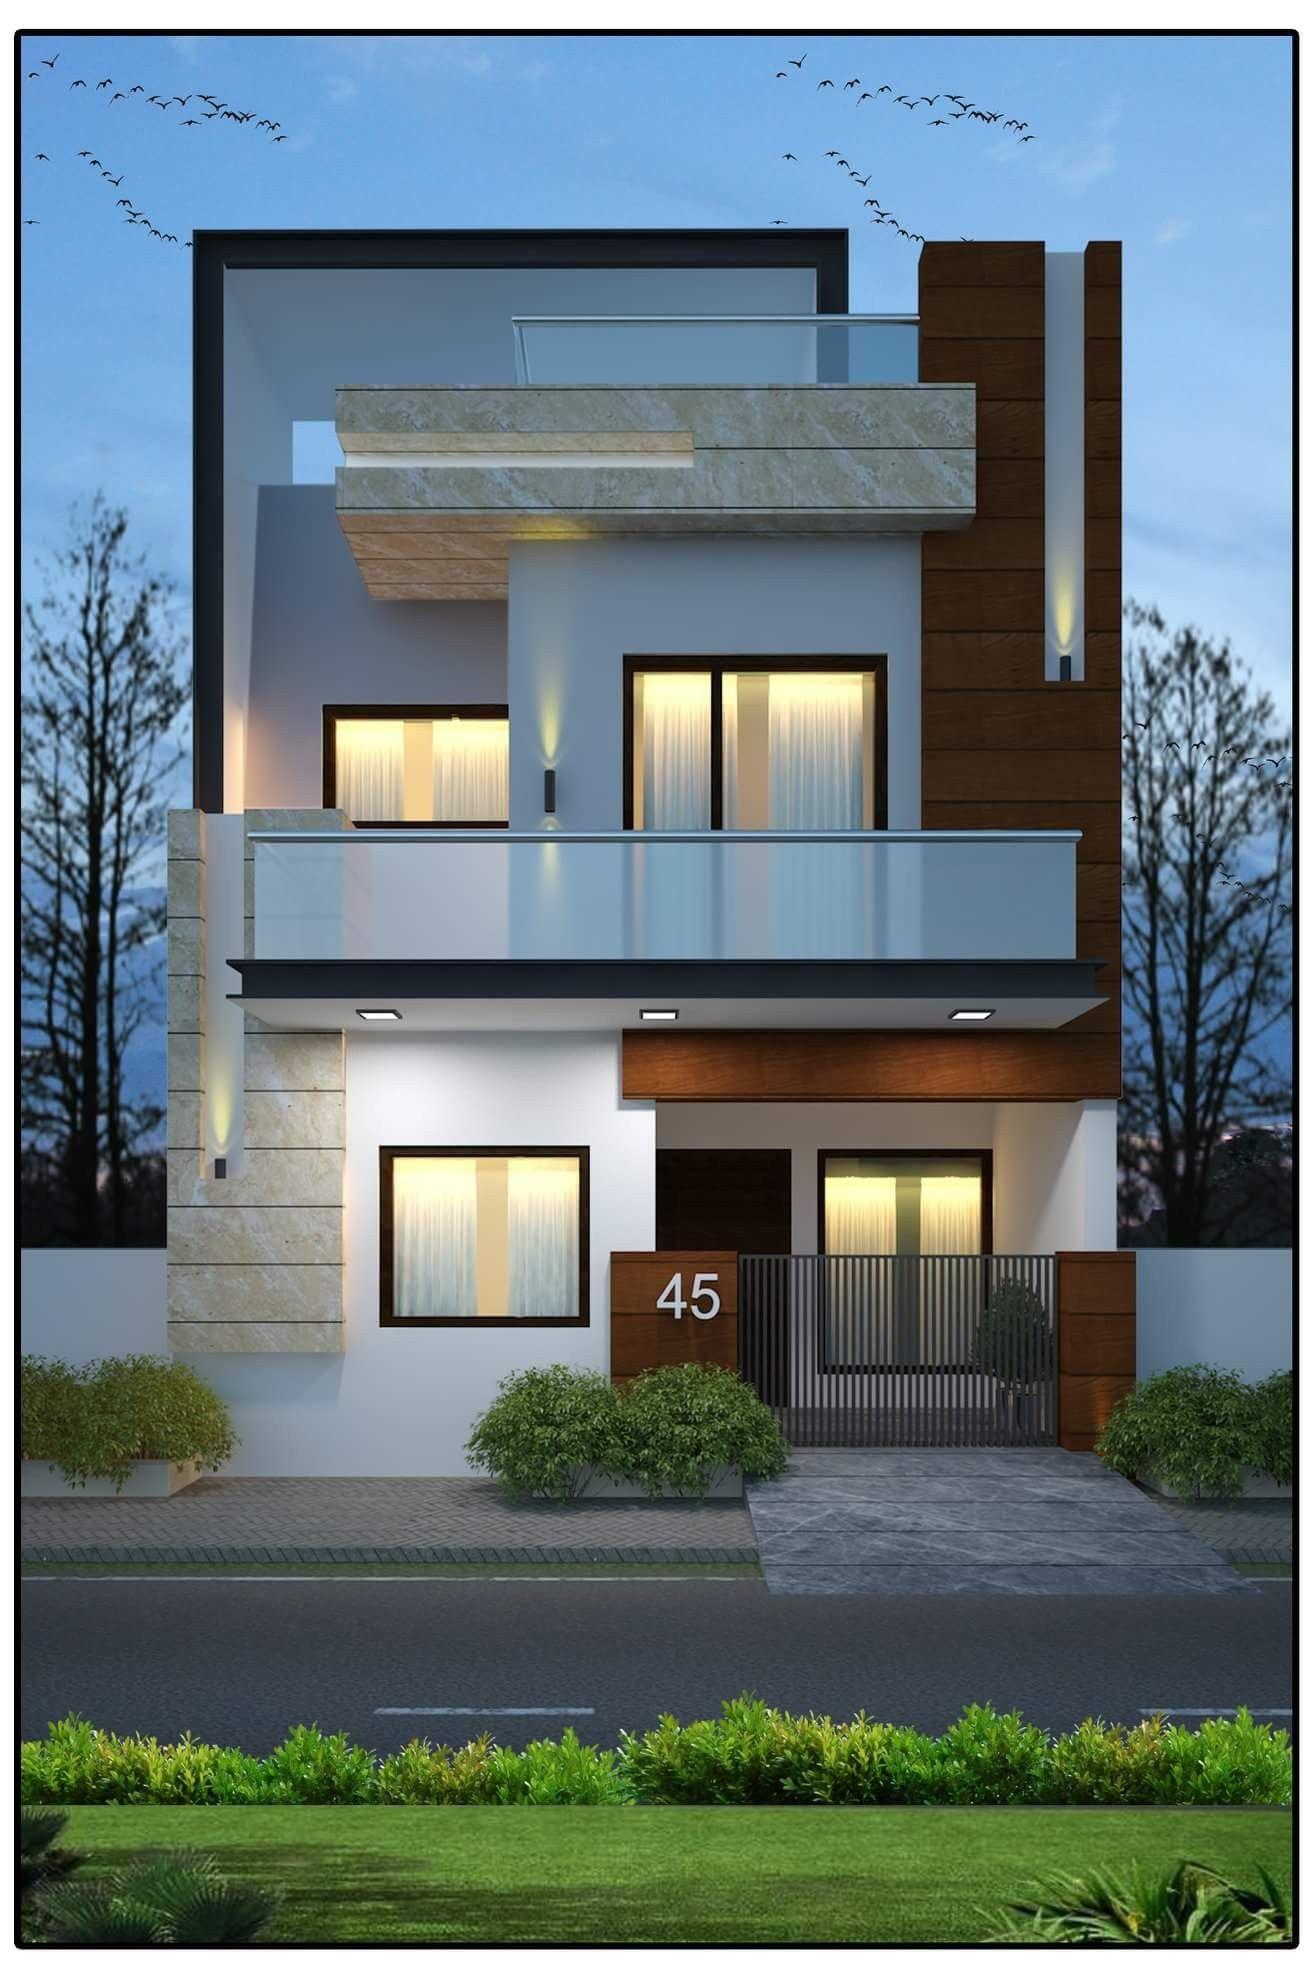 Acbados exteriores dise os de casas fachadas casas for Disenos de exteriores para casas pequenas